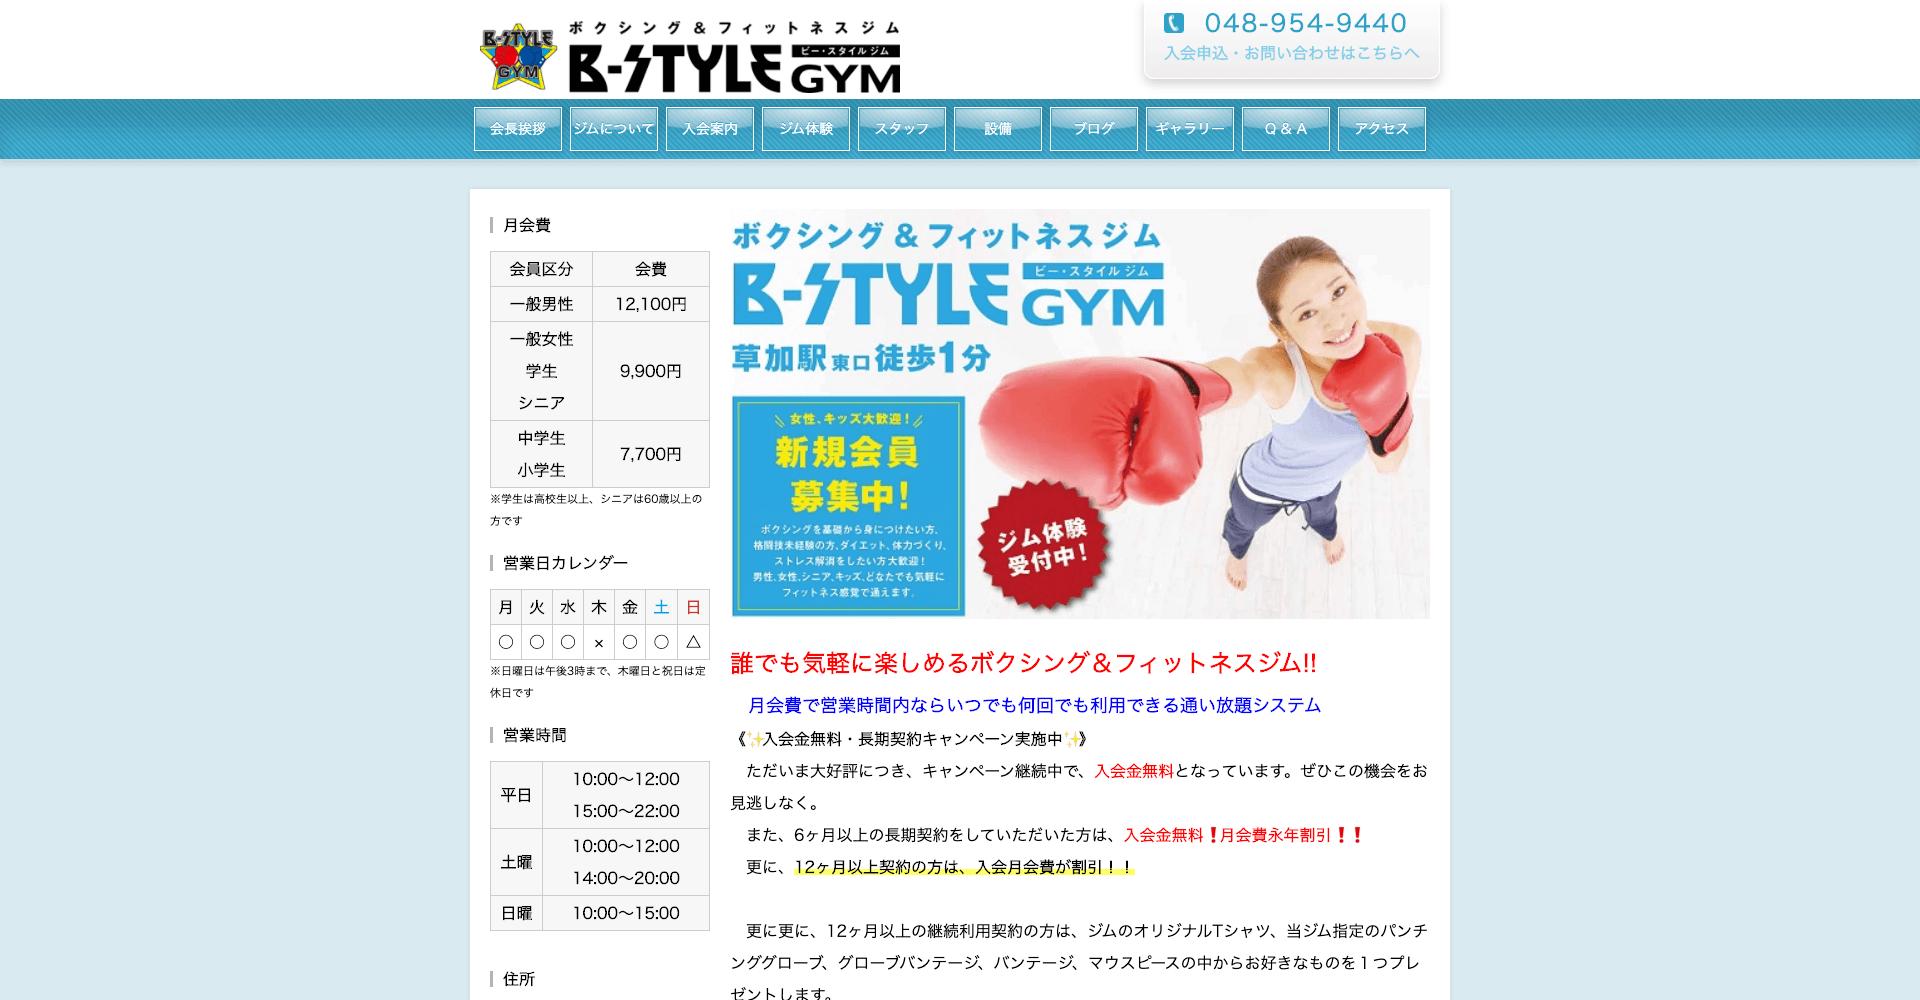 B-STYLE GYM